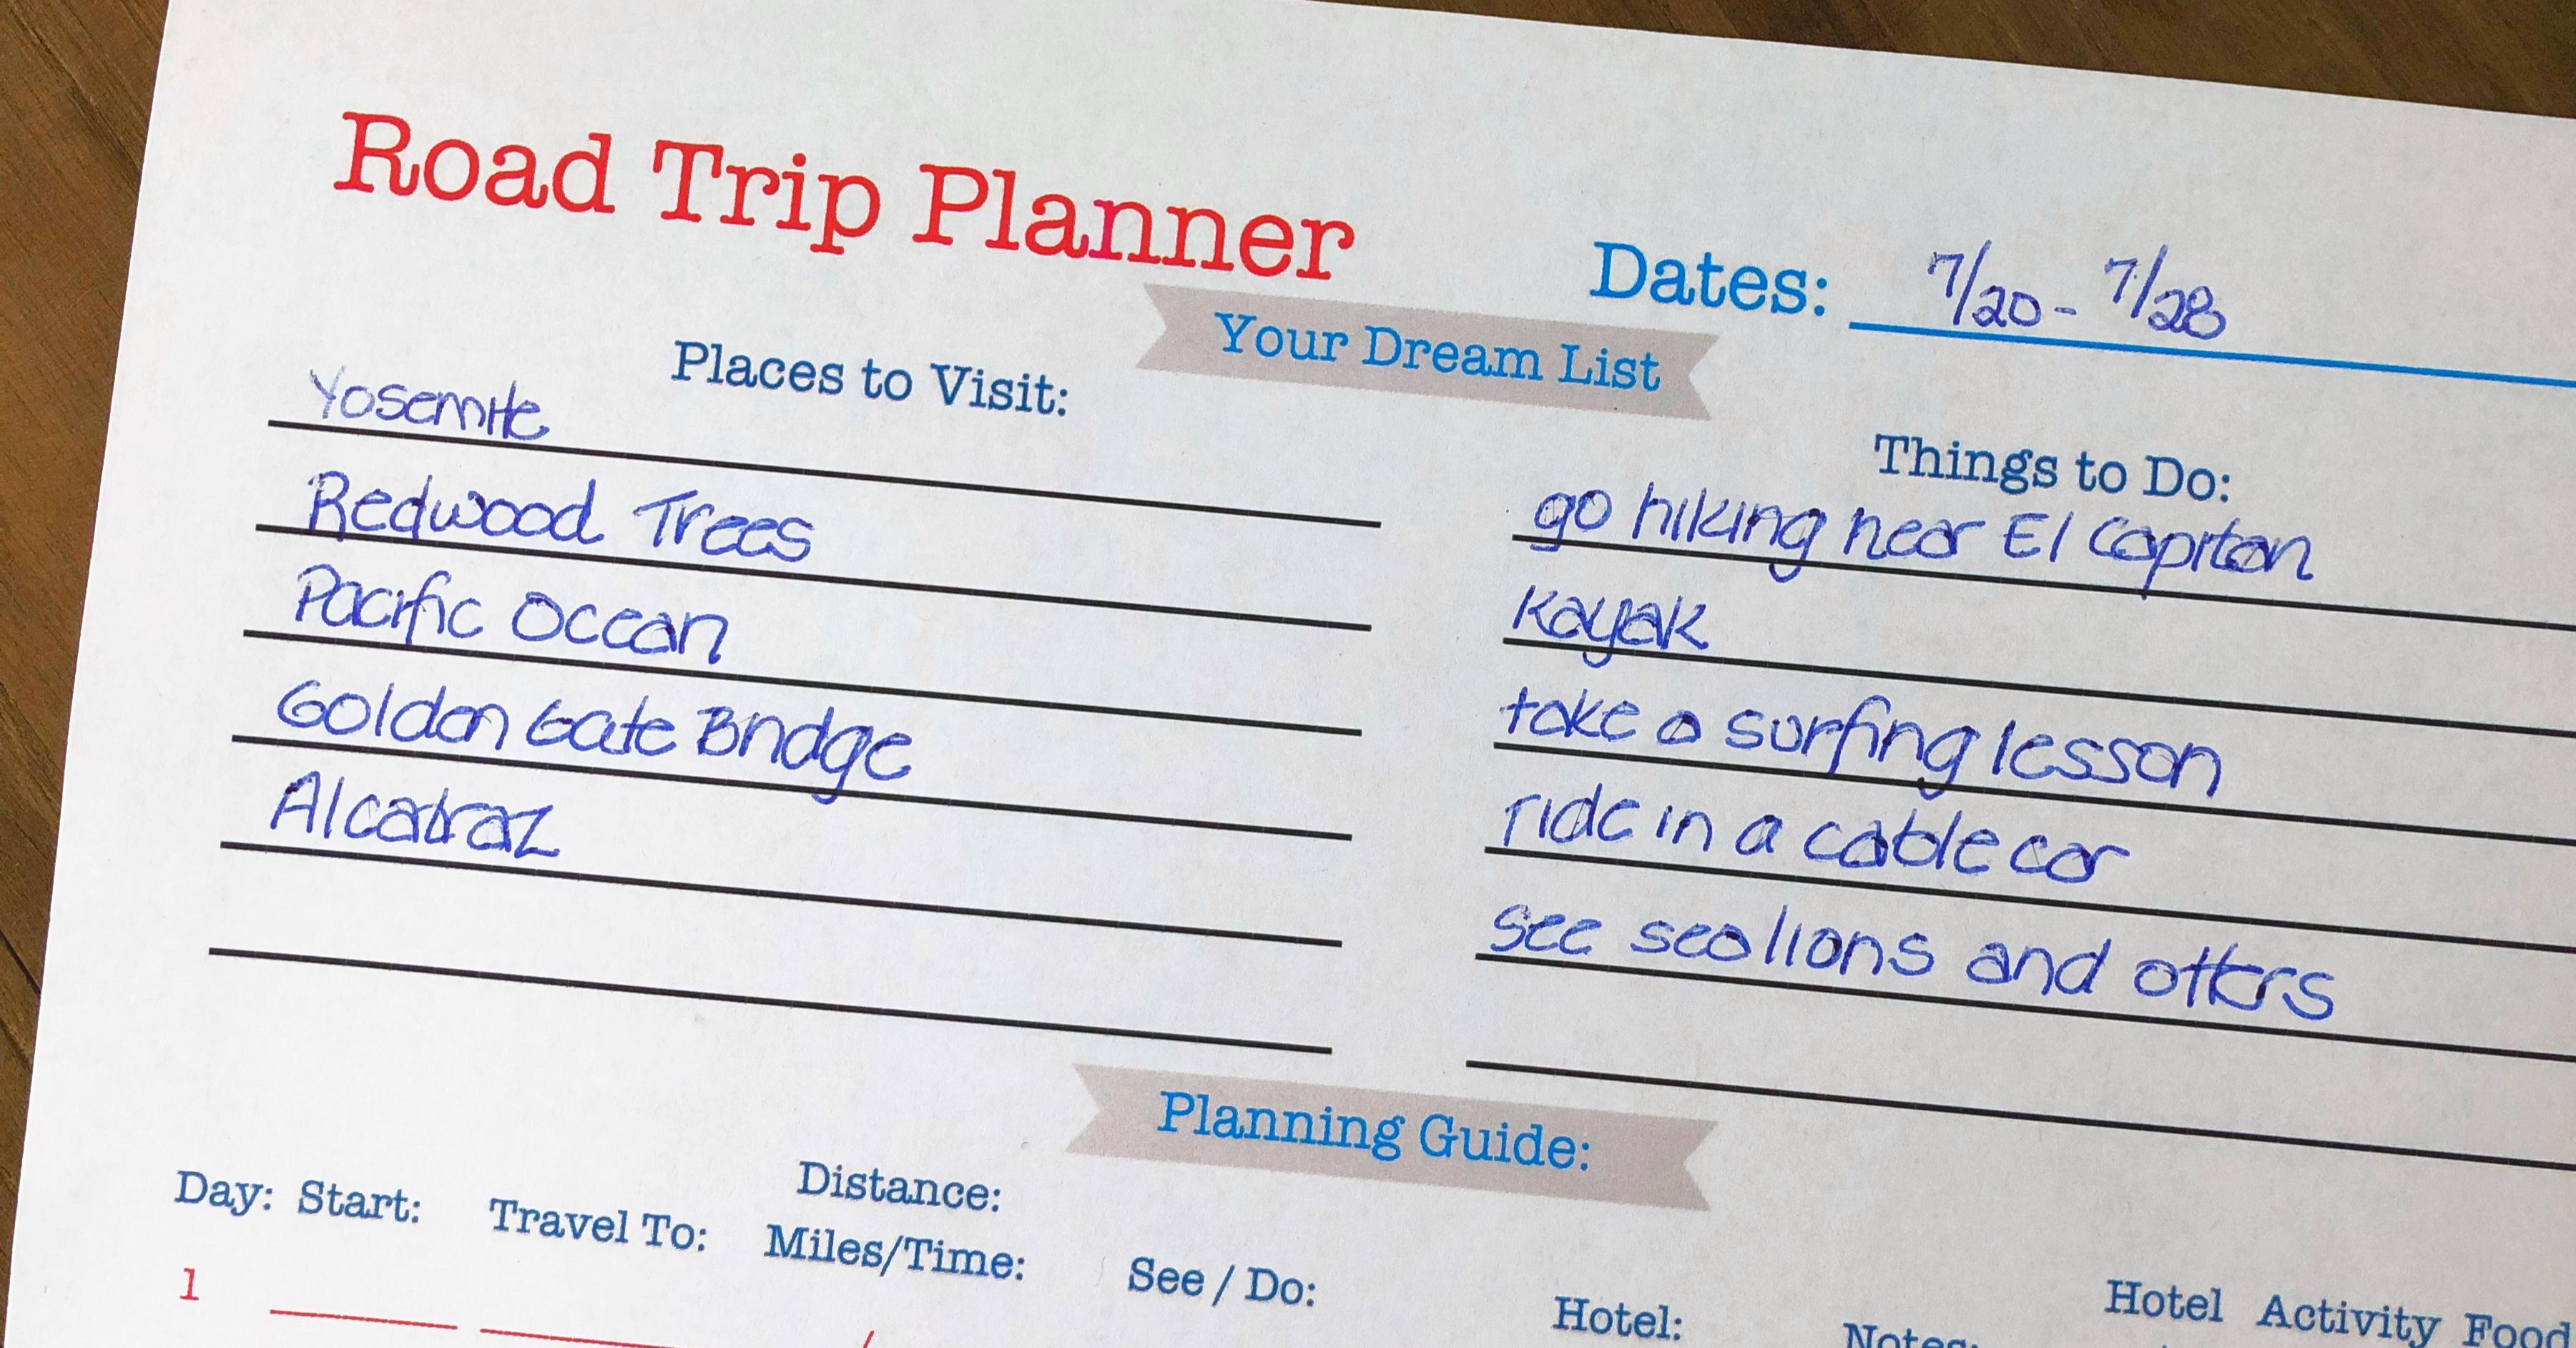 Printable Road Trip Planner! - Momof6 - Free Printable Road Trip Planner